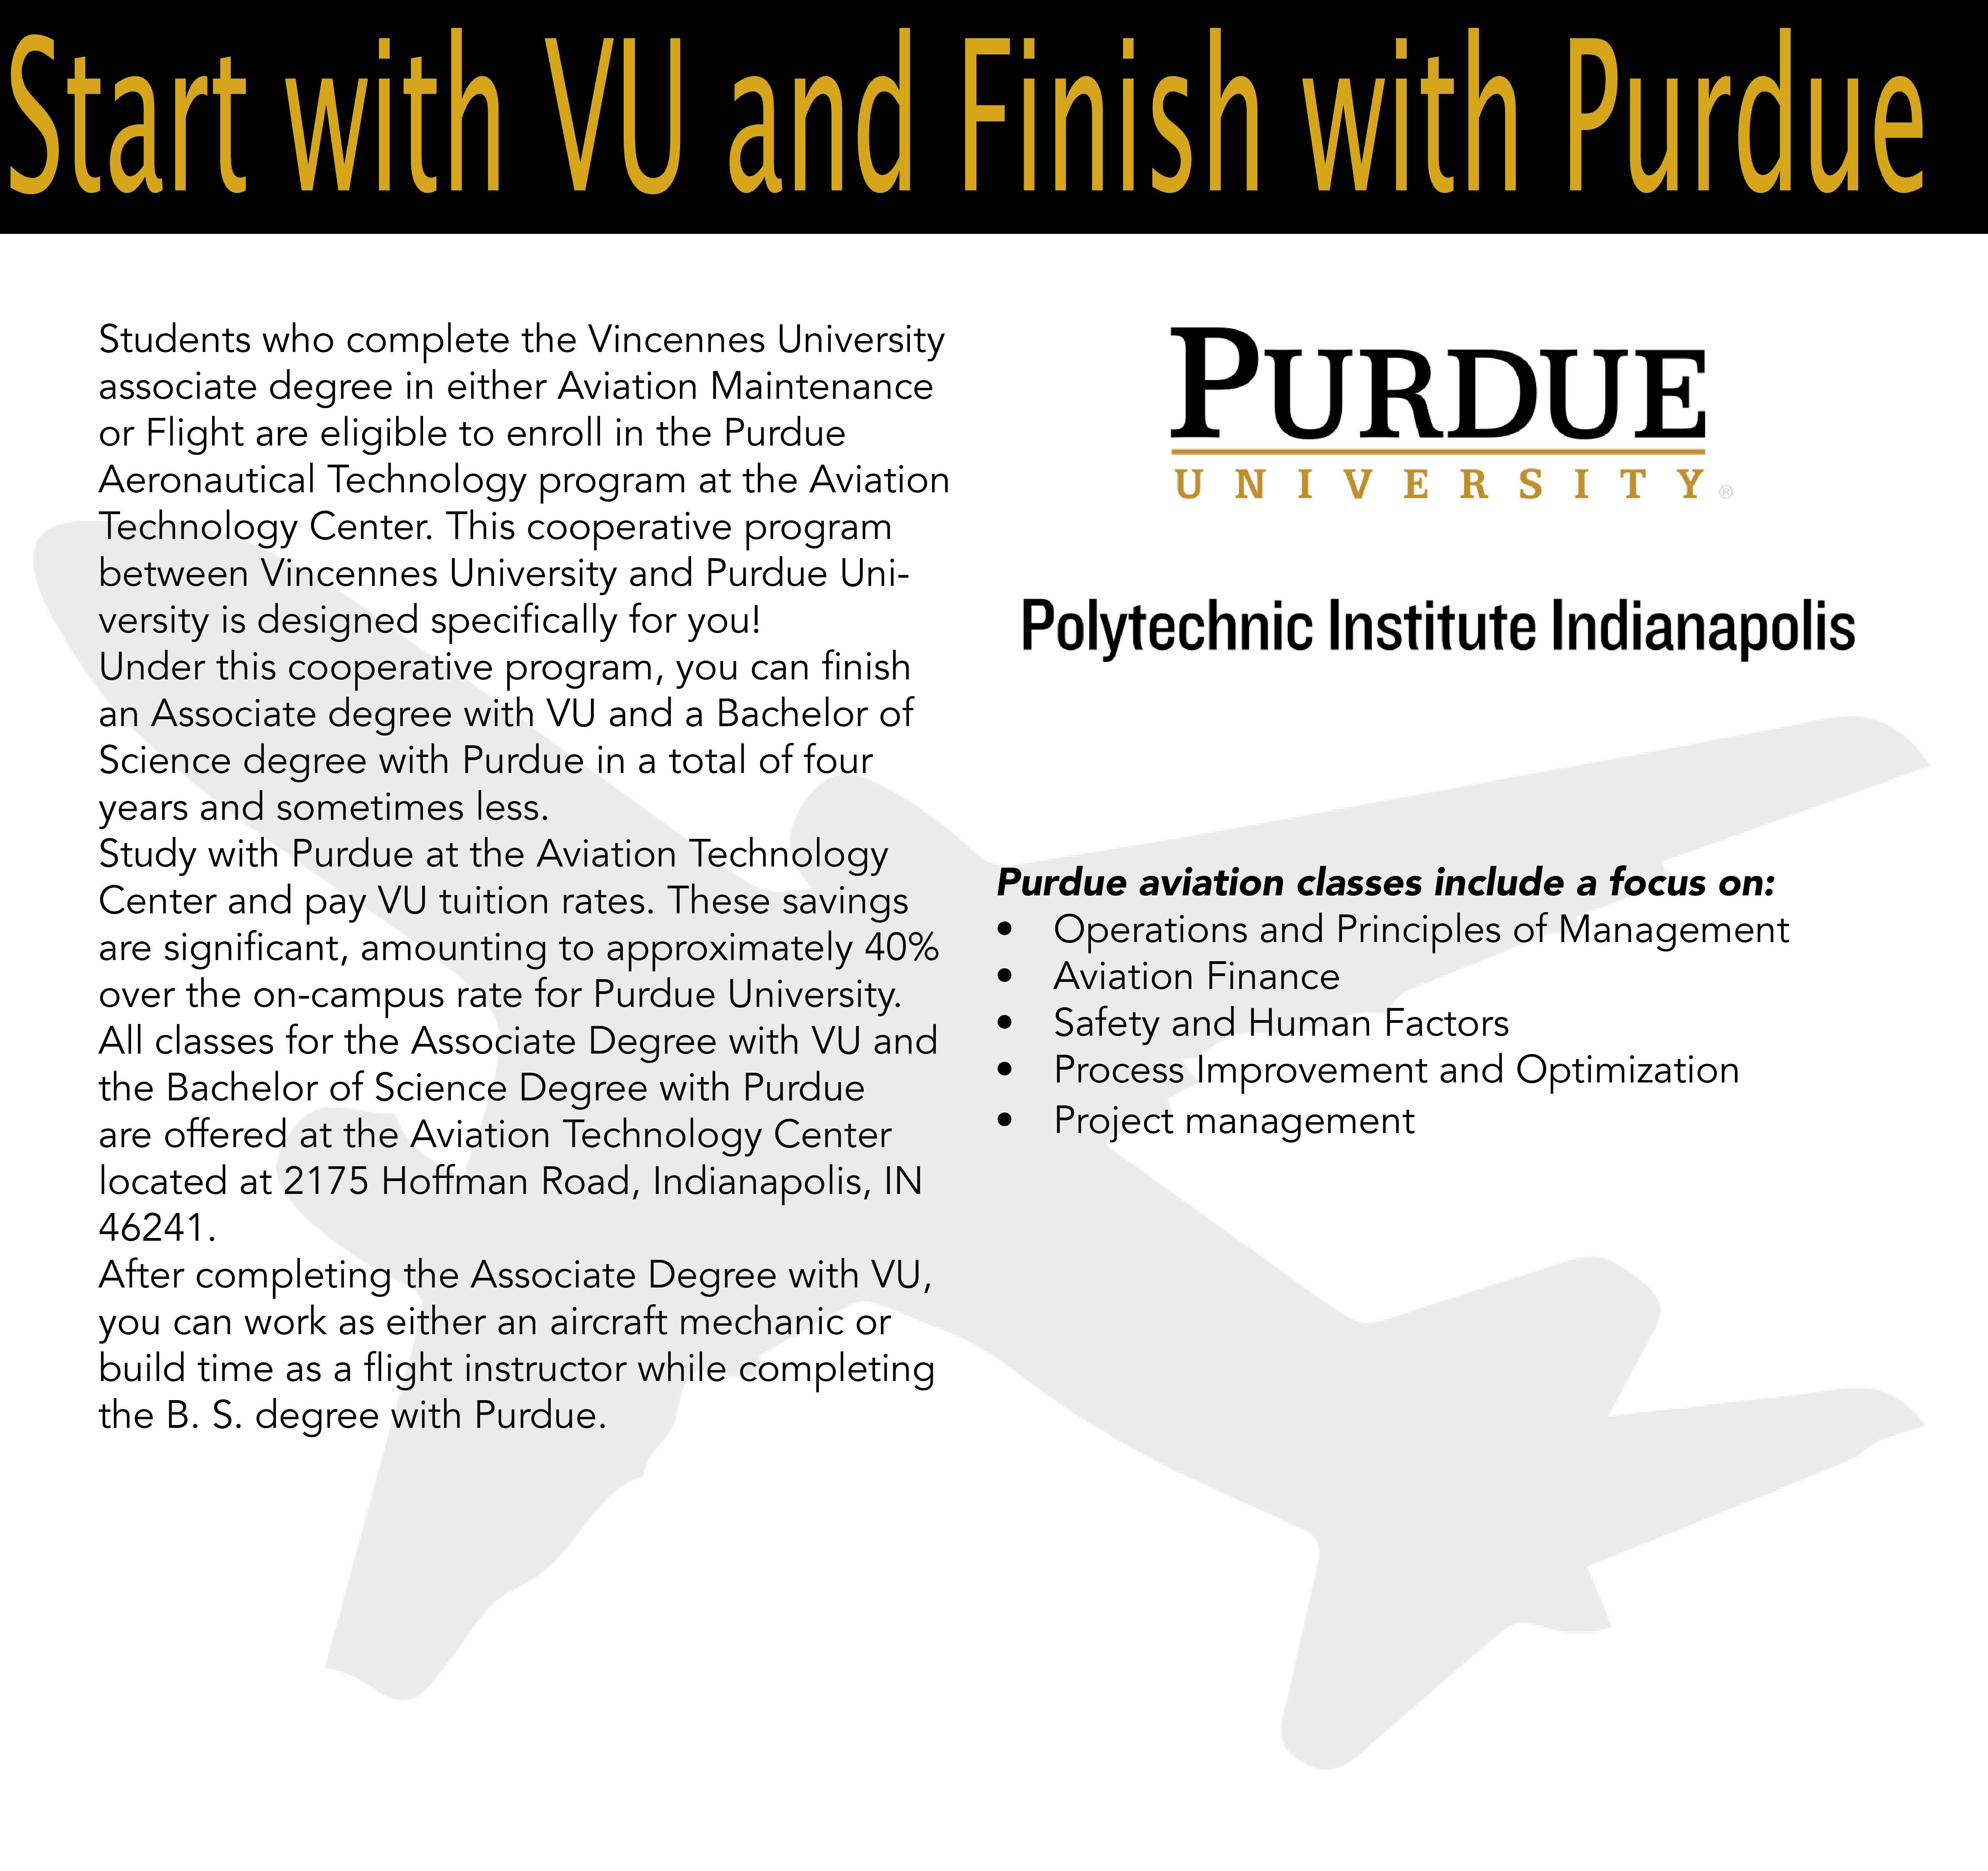 Purdue Aviation Technology Center Vincennes University